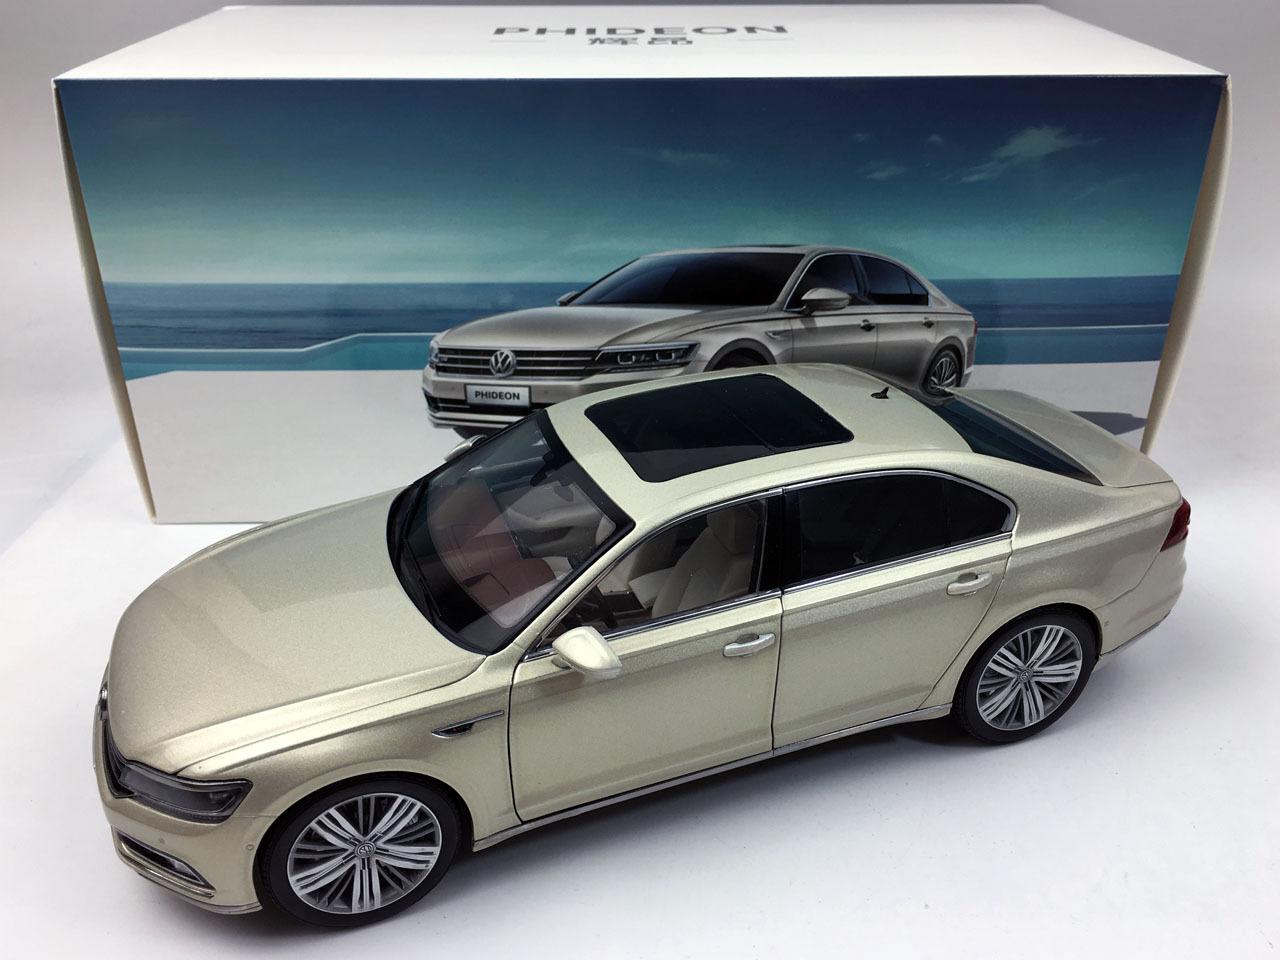 1 18 Volkswagen phideon Carrera Diecast Metal Voiture Modèle